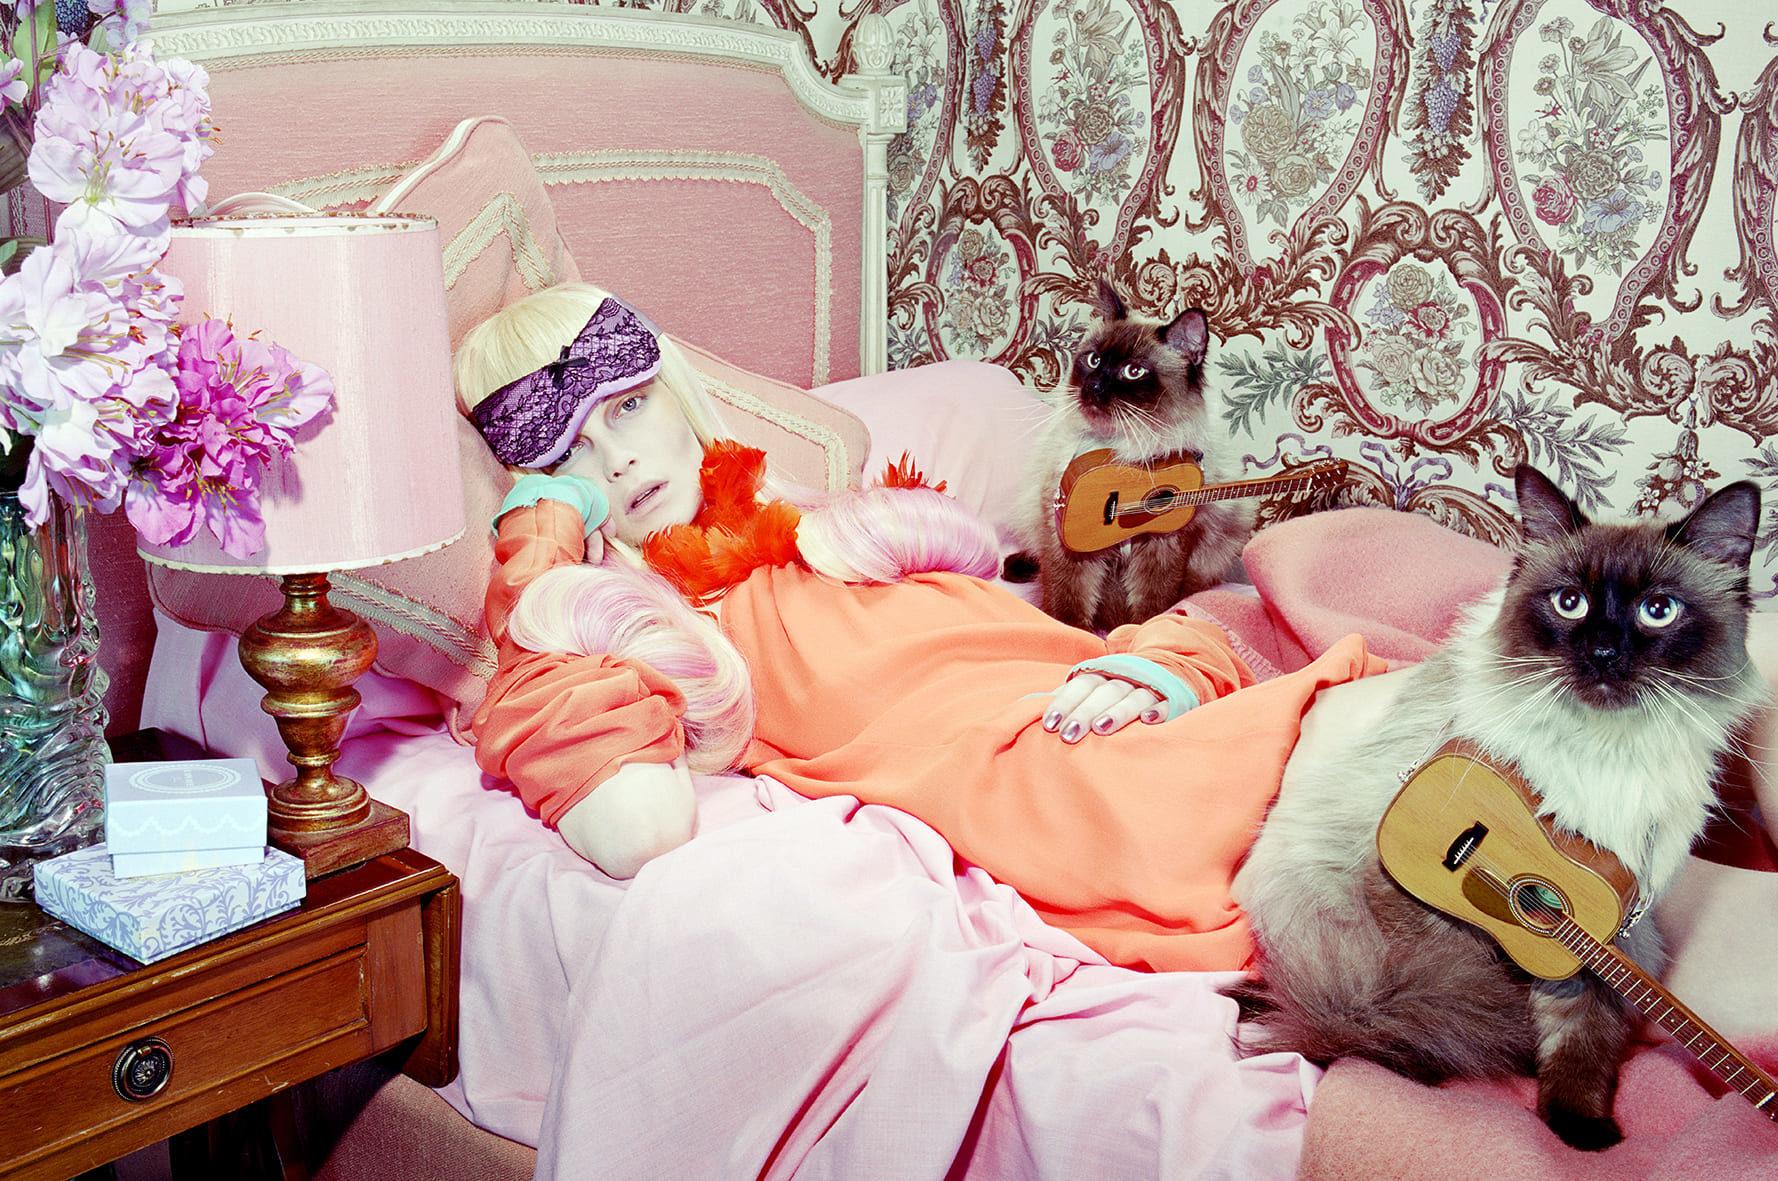 Выставка «Майлз Олдридж. Вкус цвета» в Центр фотографии имени братьев Люмьер – события на сайте «Московские Сезоны»